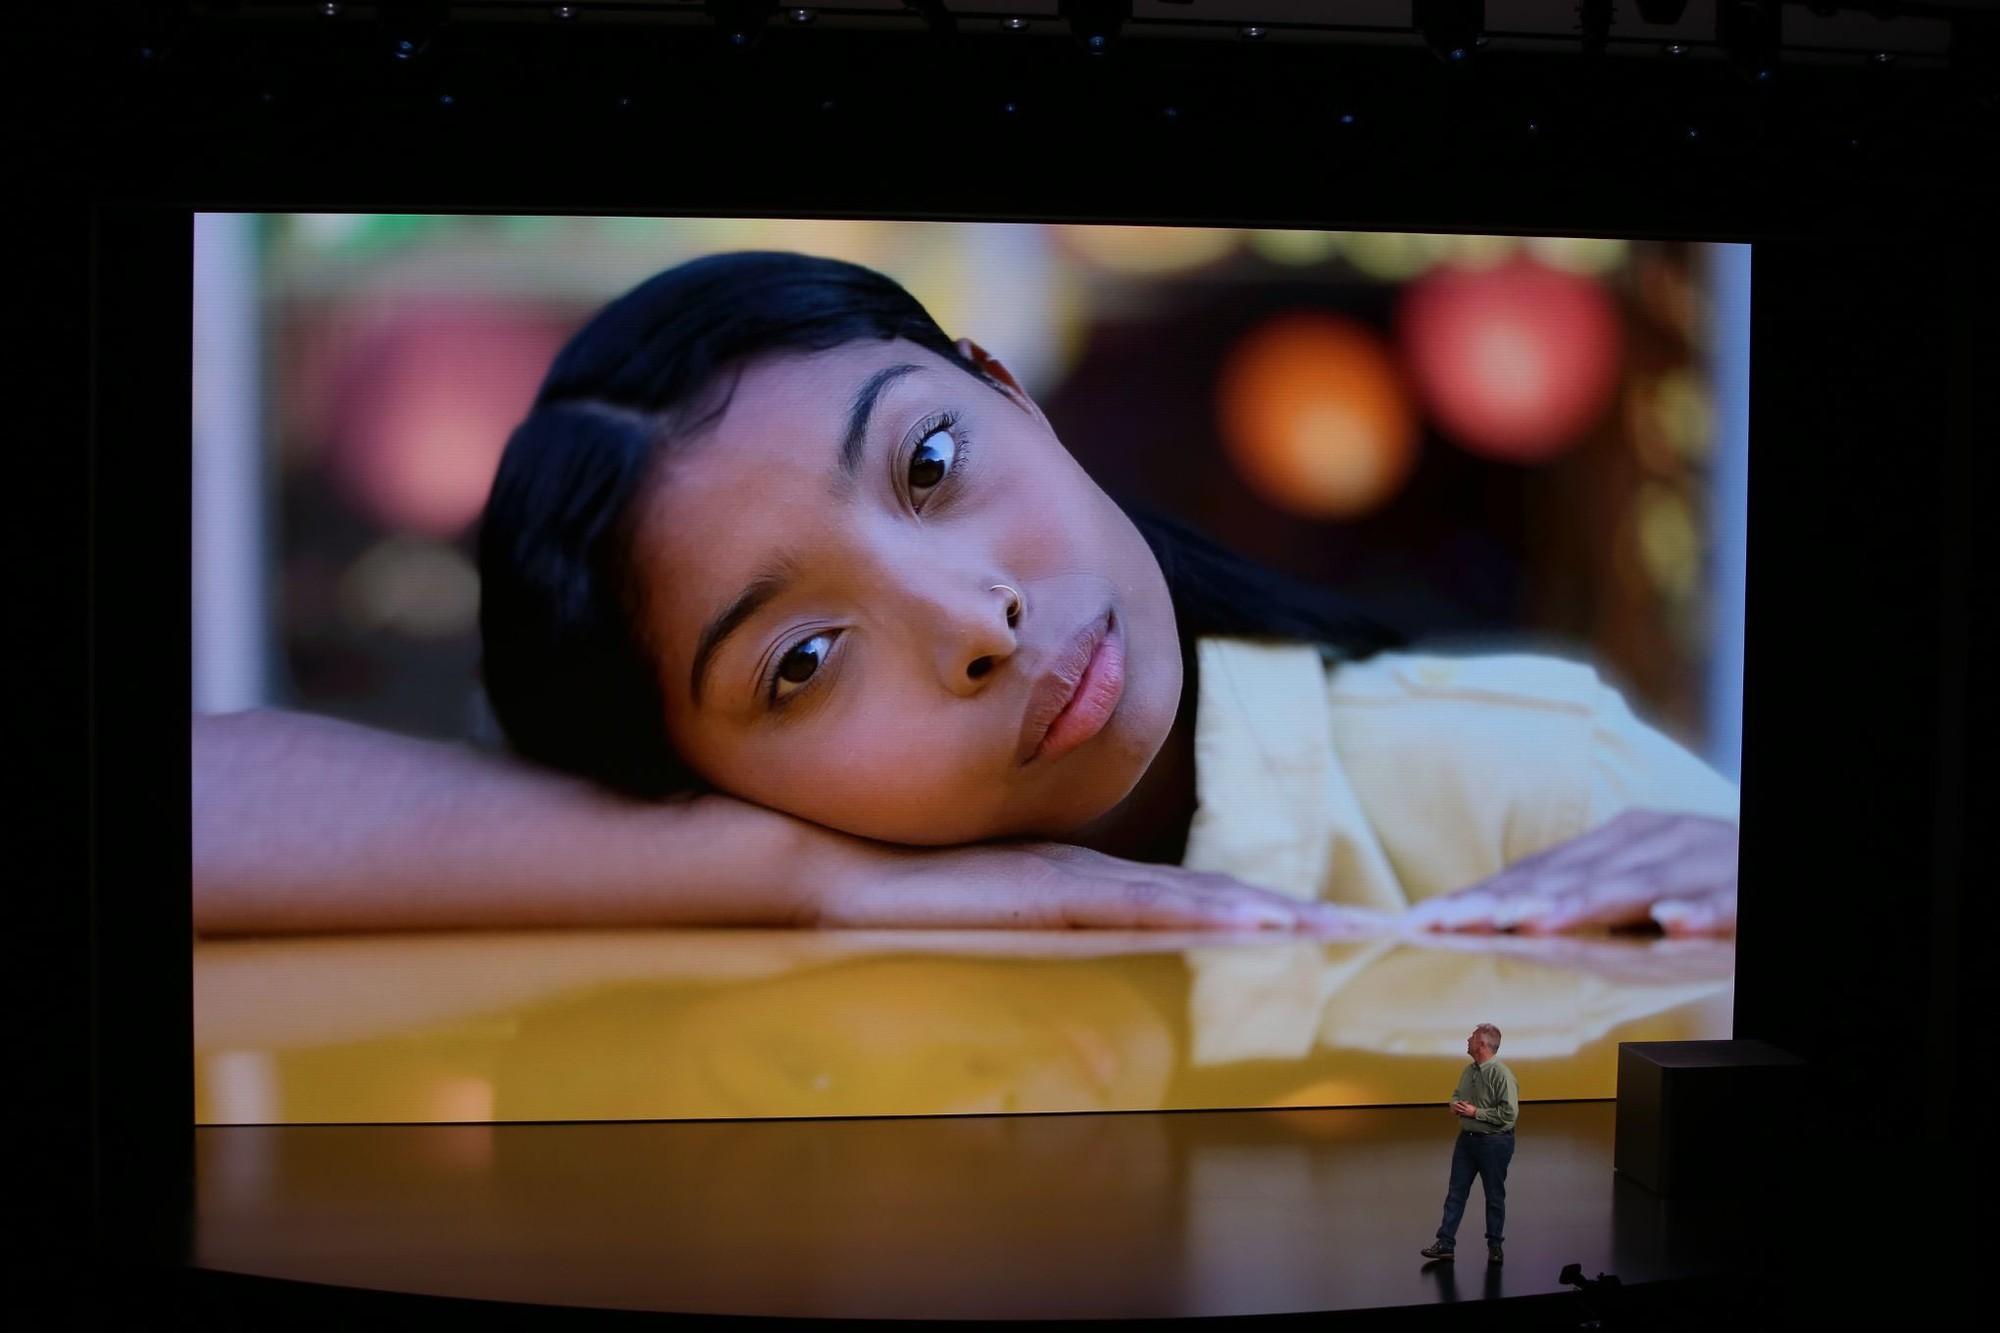 iPhone Xs/Xs Max ra mắt: Màn hình lớn nhất thị trường, thêm màu vàng sang chảnh, chụp ảnh đẹp hơn, có 2 SIM, 512GB dung lượng - Ảnh 6.